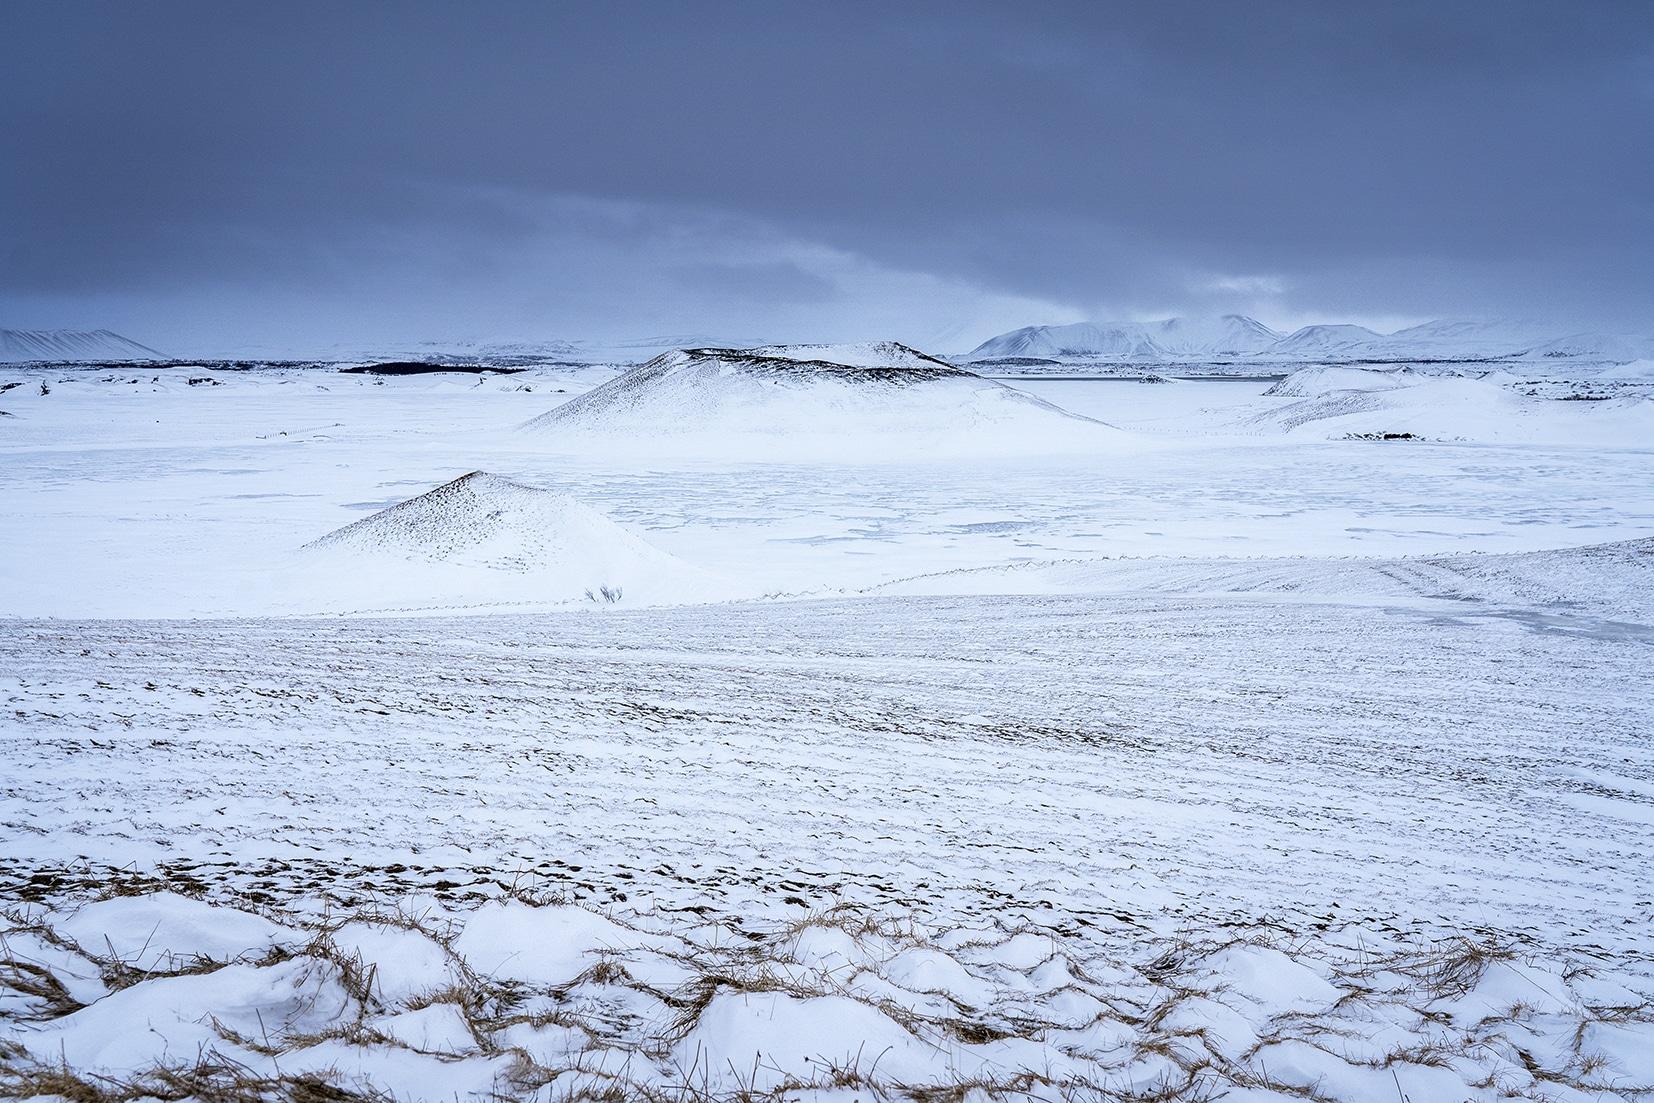 lac gelé volcans Mývatn Skútustaðagígar Islande du Nord nuages noirs neige